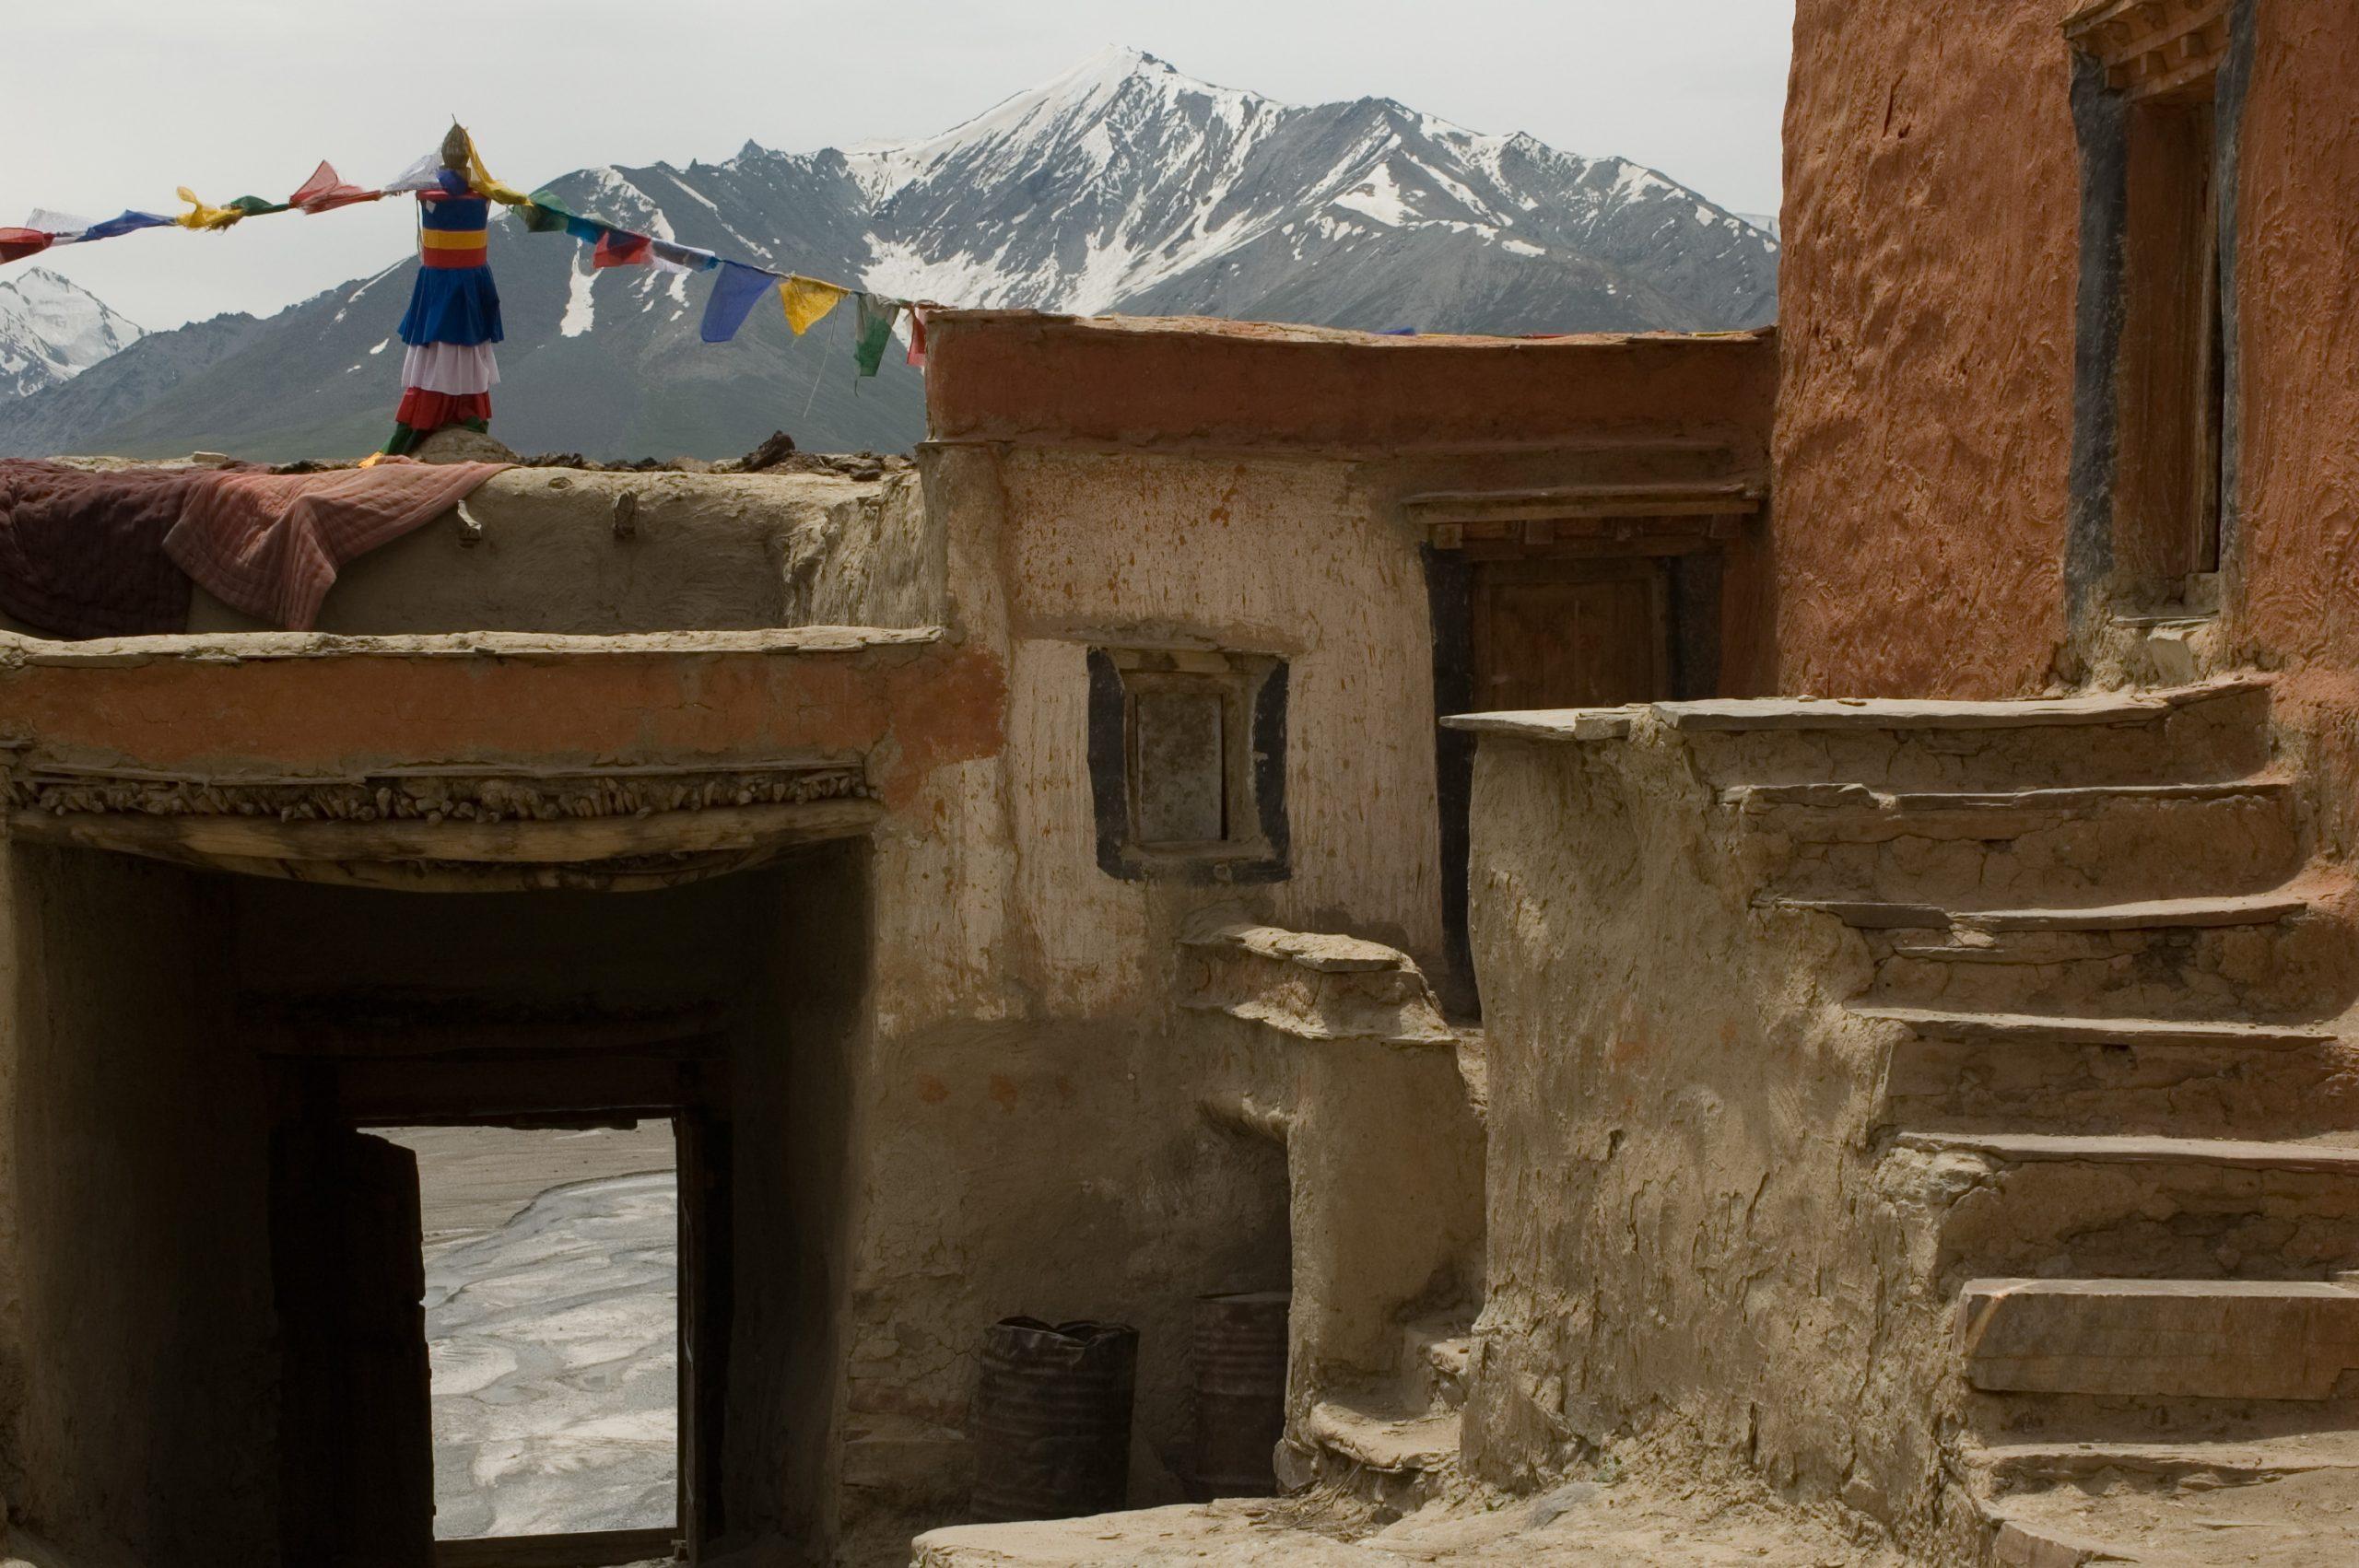 W drodze do Zanskaru - stary klasztor w Himalajach